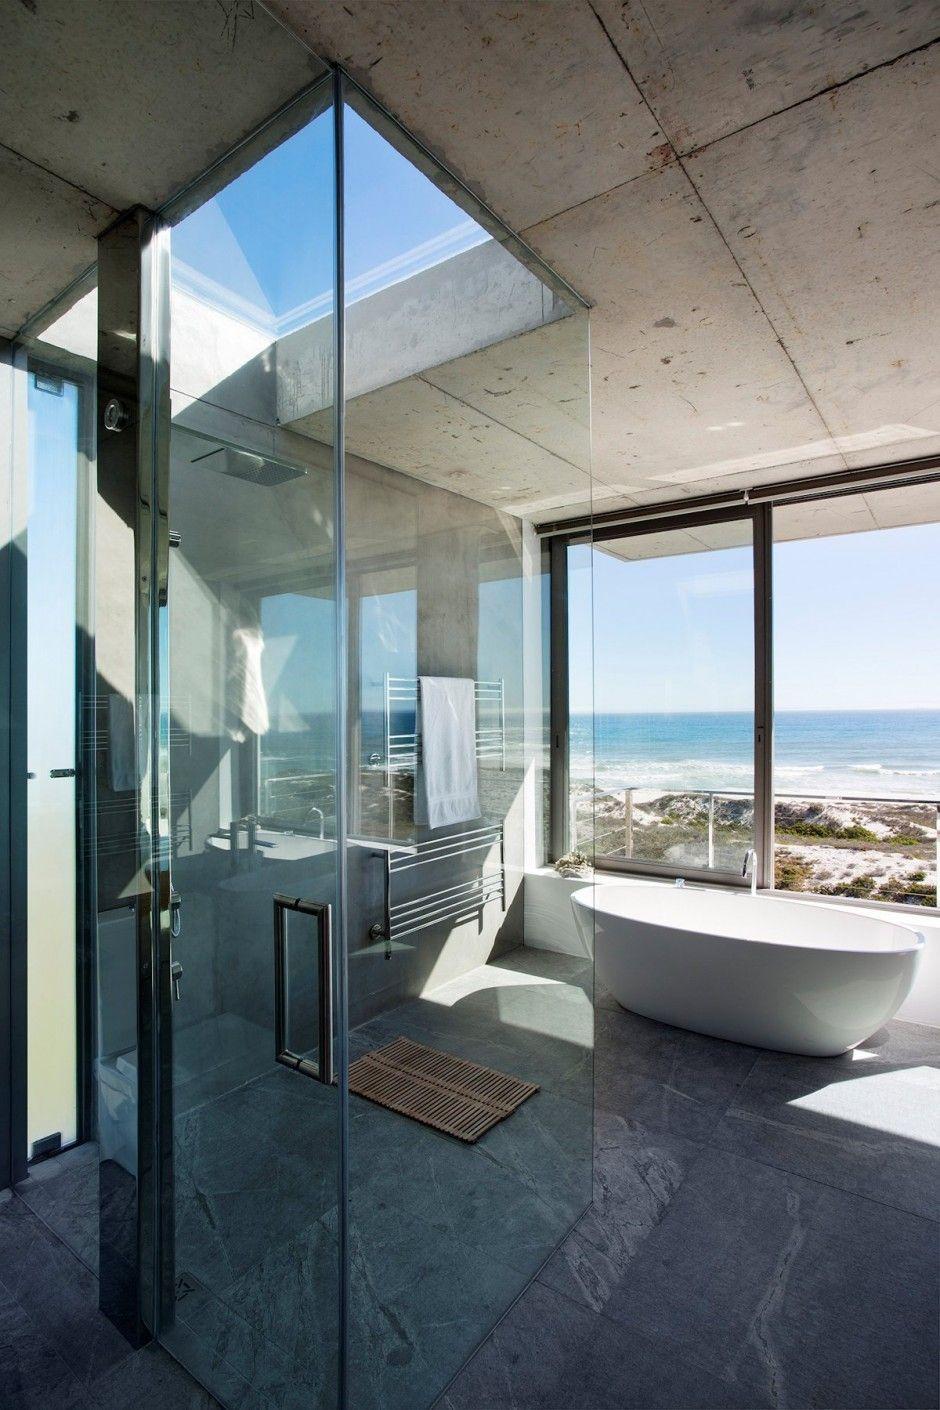 Ventilateur De Salle De Bain Nutone ~ Summer Retreat Fully Embraces The Views With Its Geometric Design